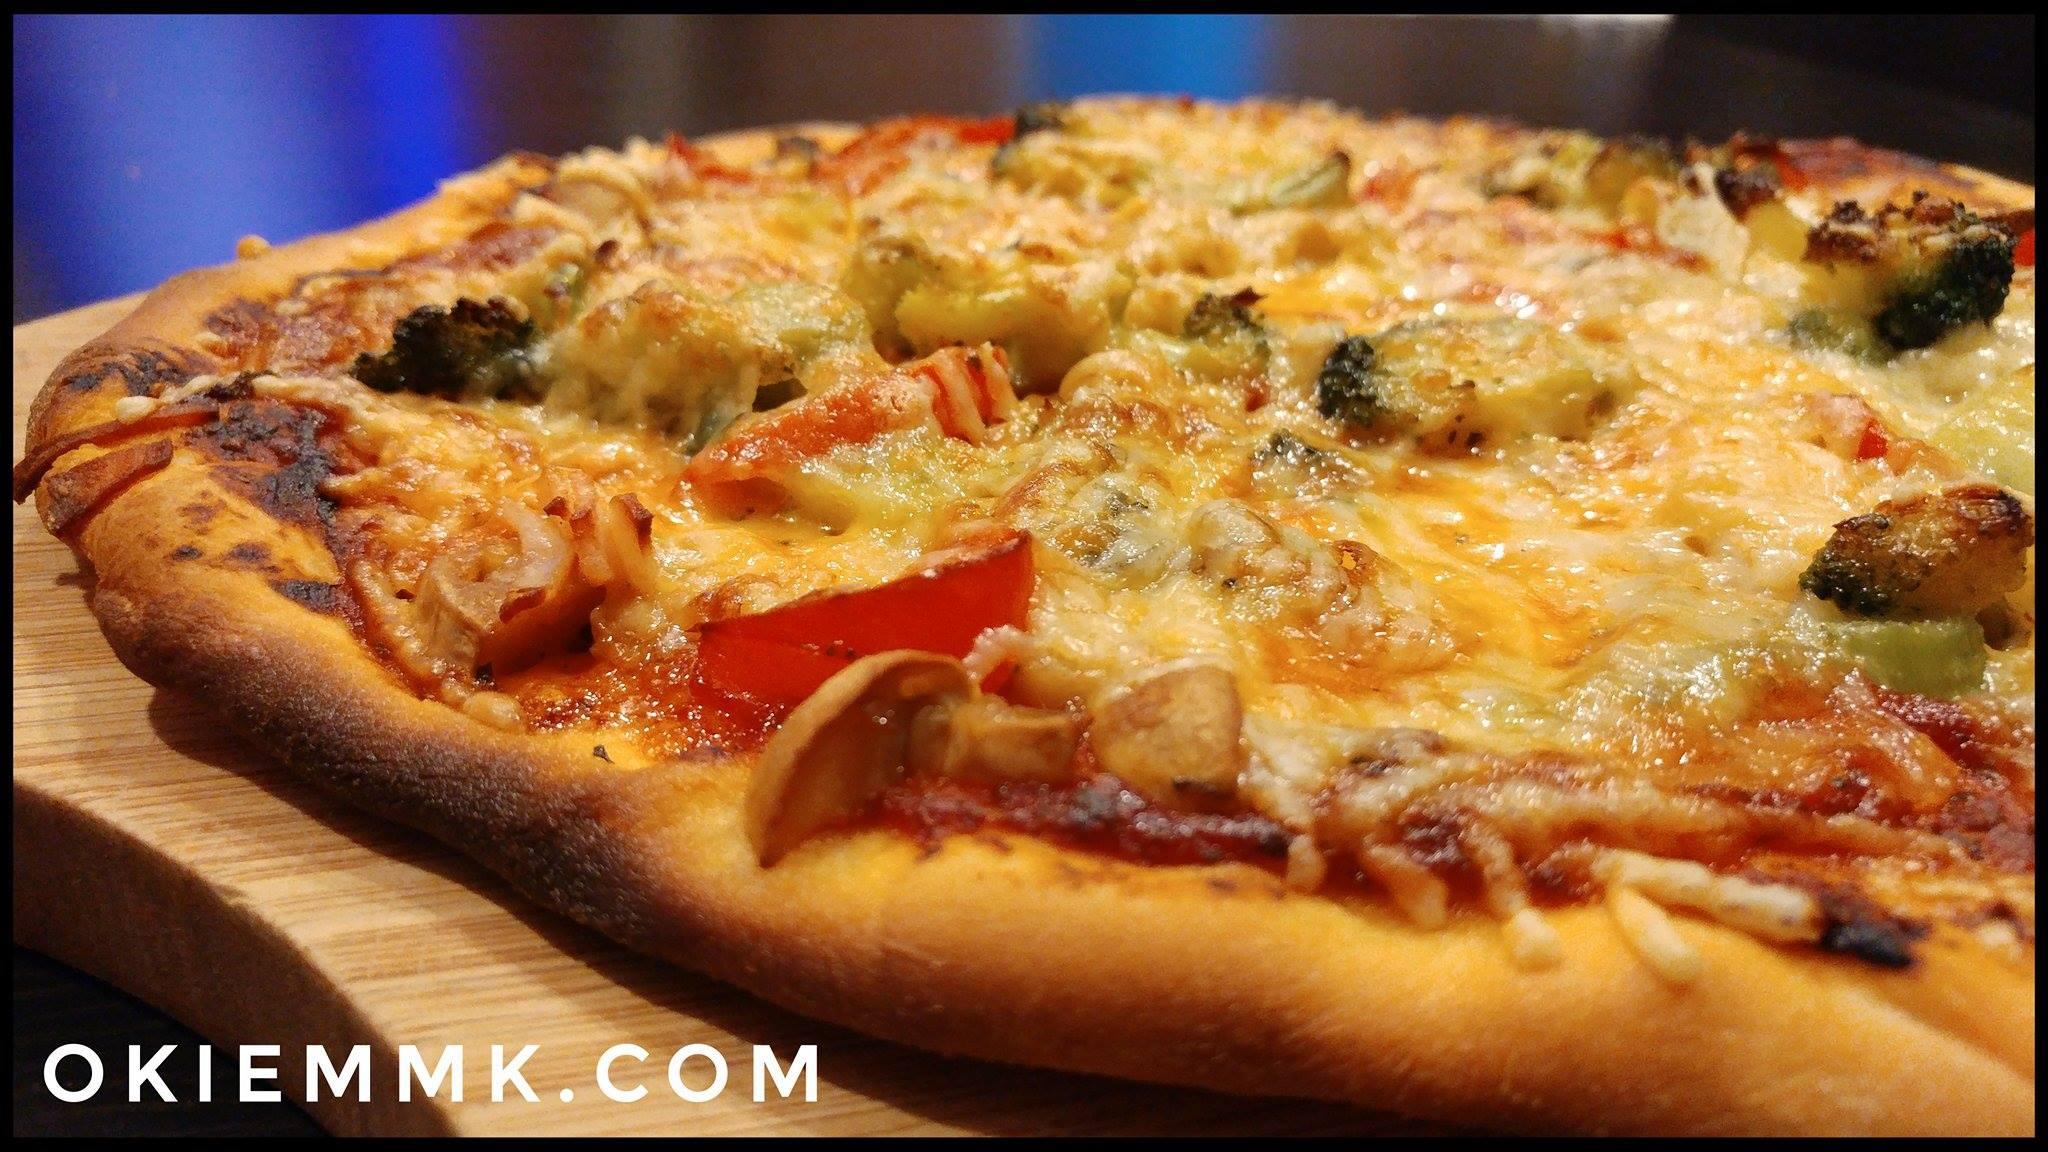 domowa-i-tradycyjna-pizza-toskanska-na-cienkim-ciescie-w-dwoch-wersjach